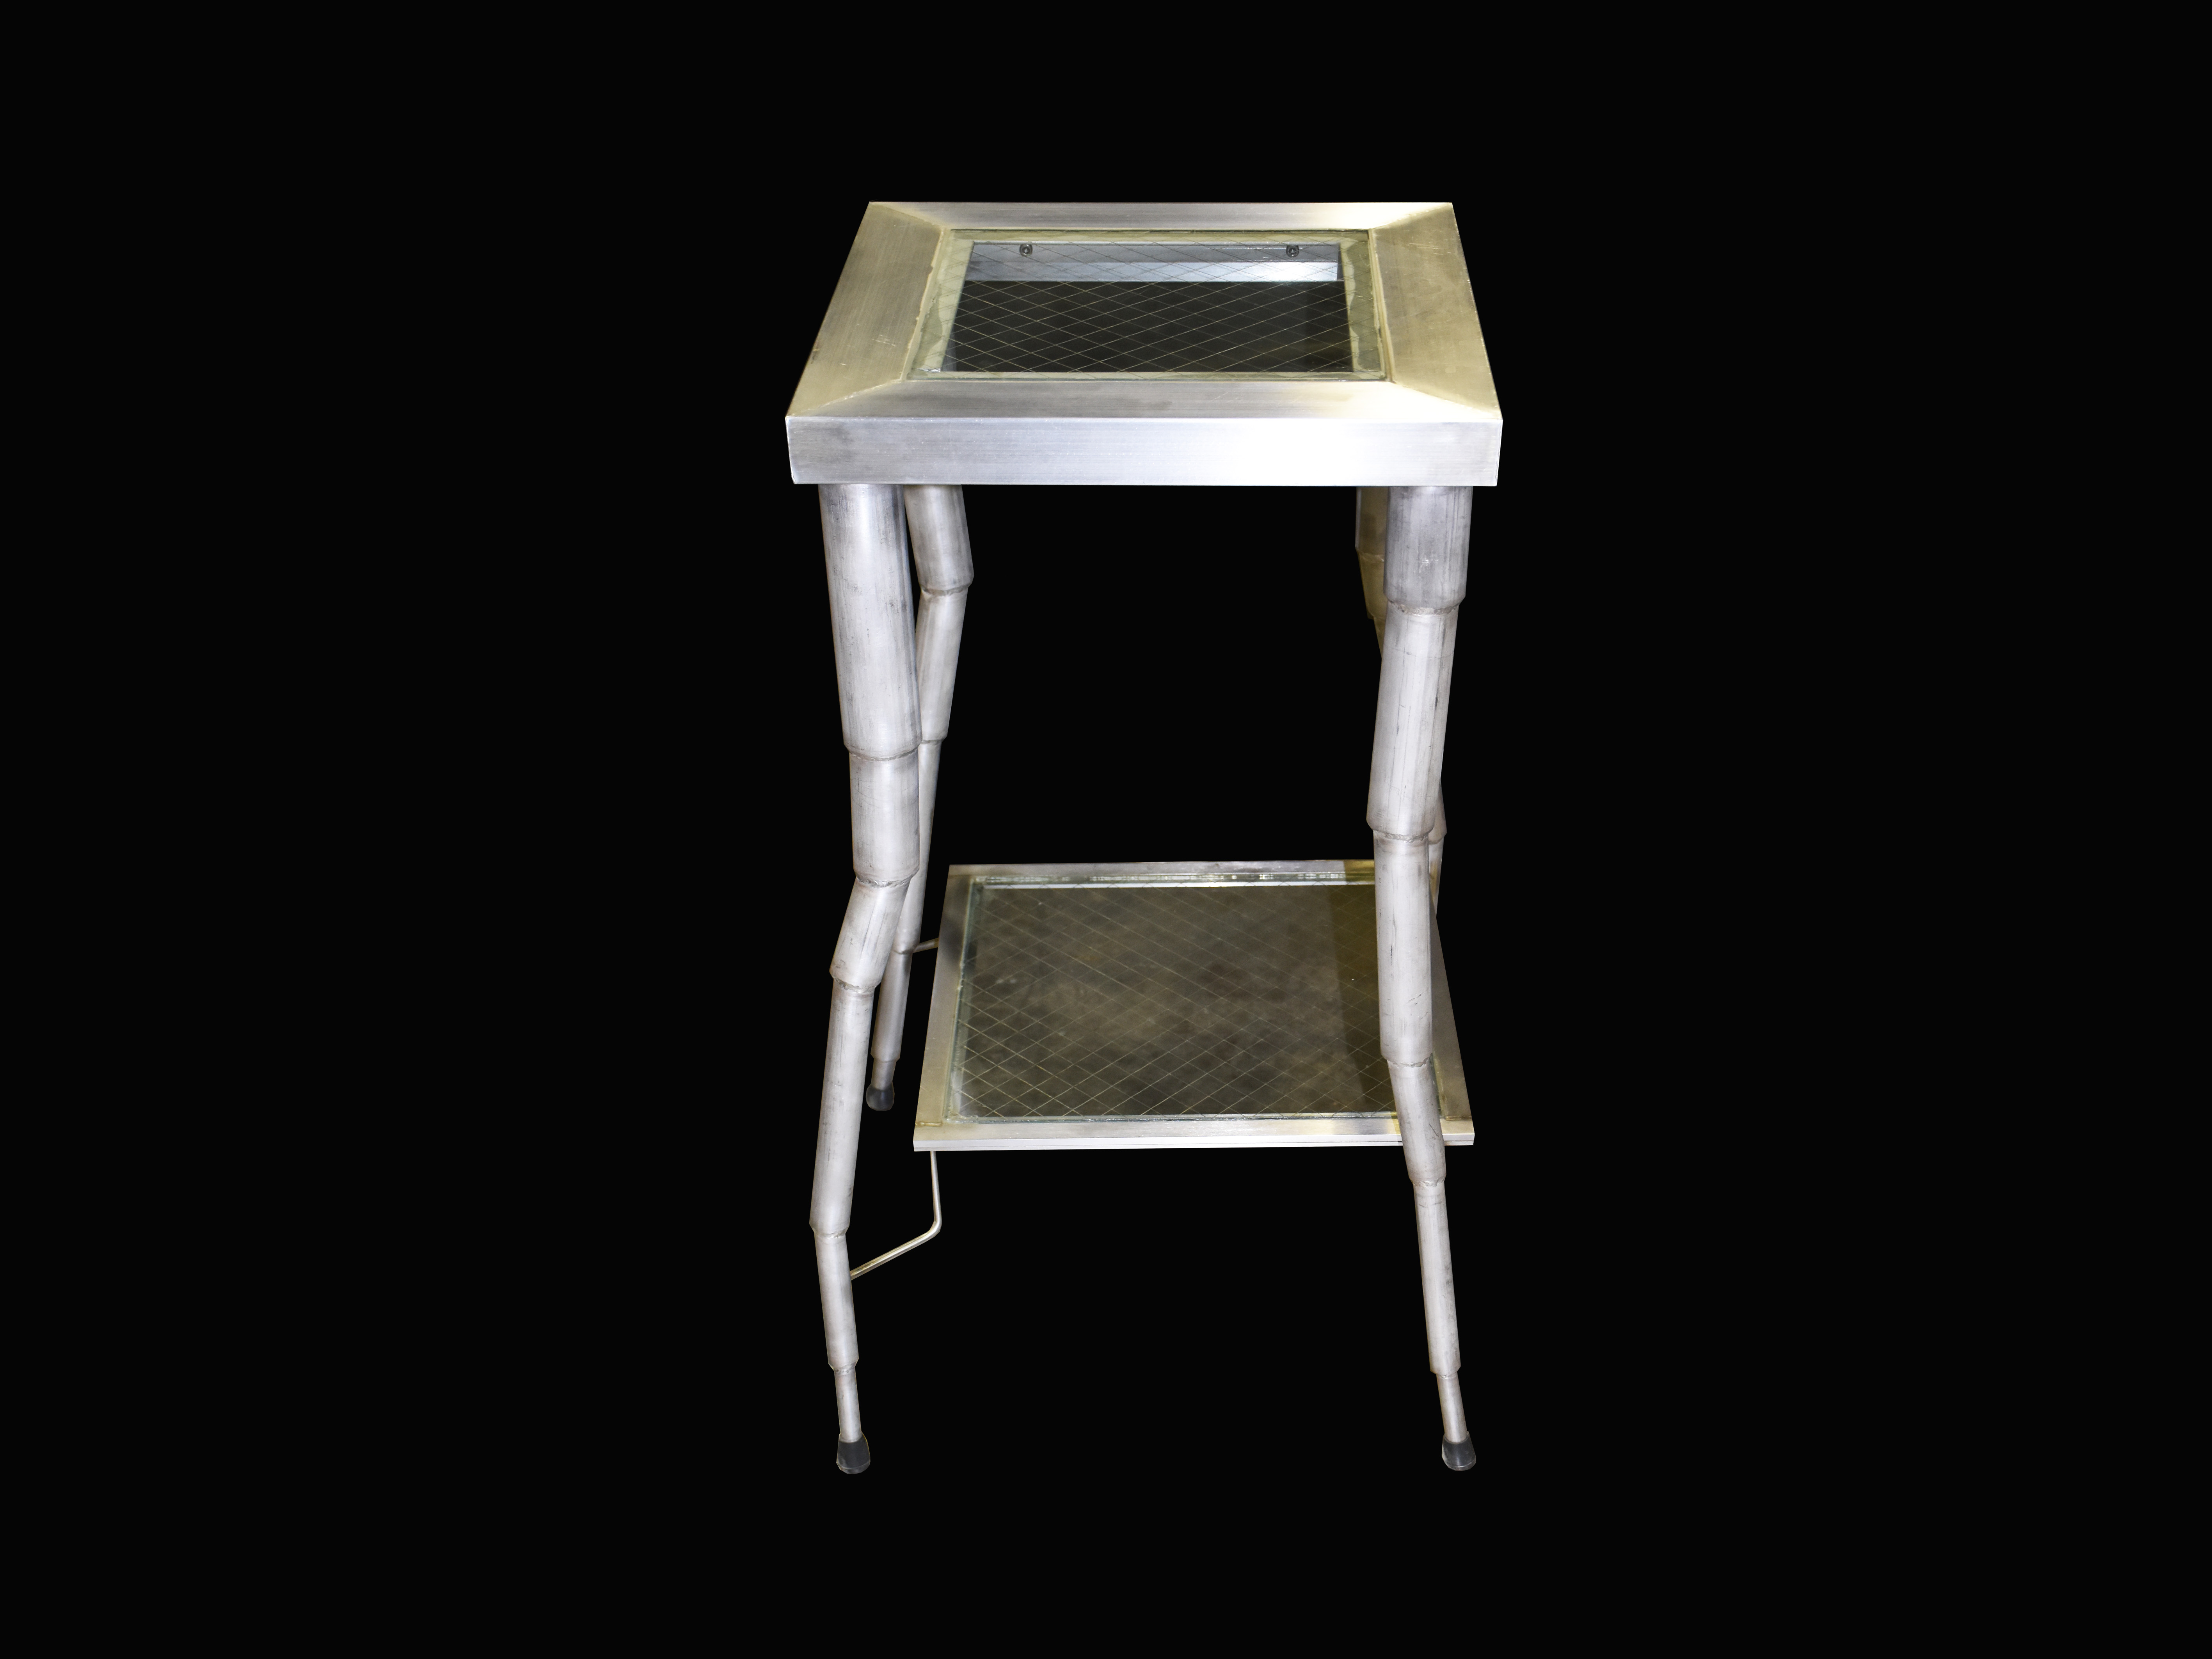 ステンレスフラワースタンド (花台 電話台) stainless steel stand